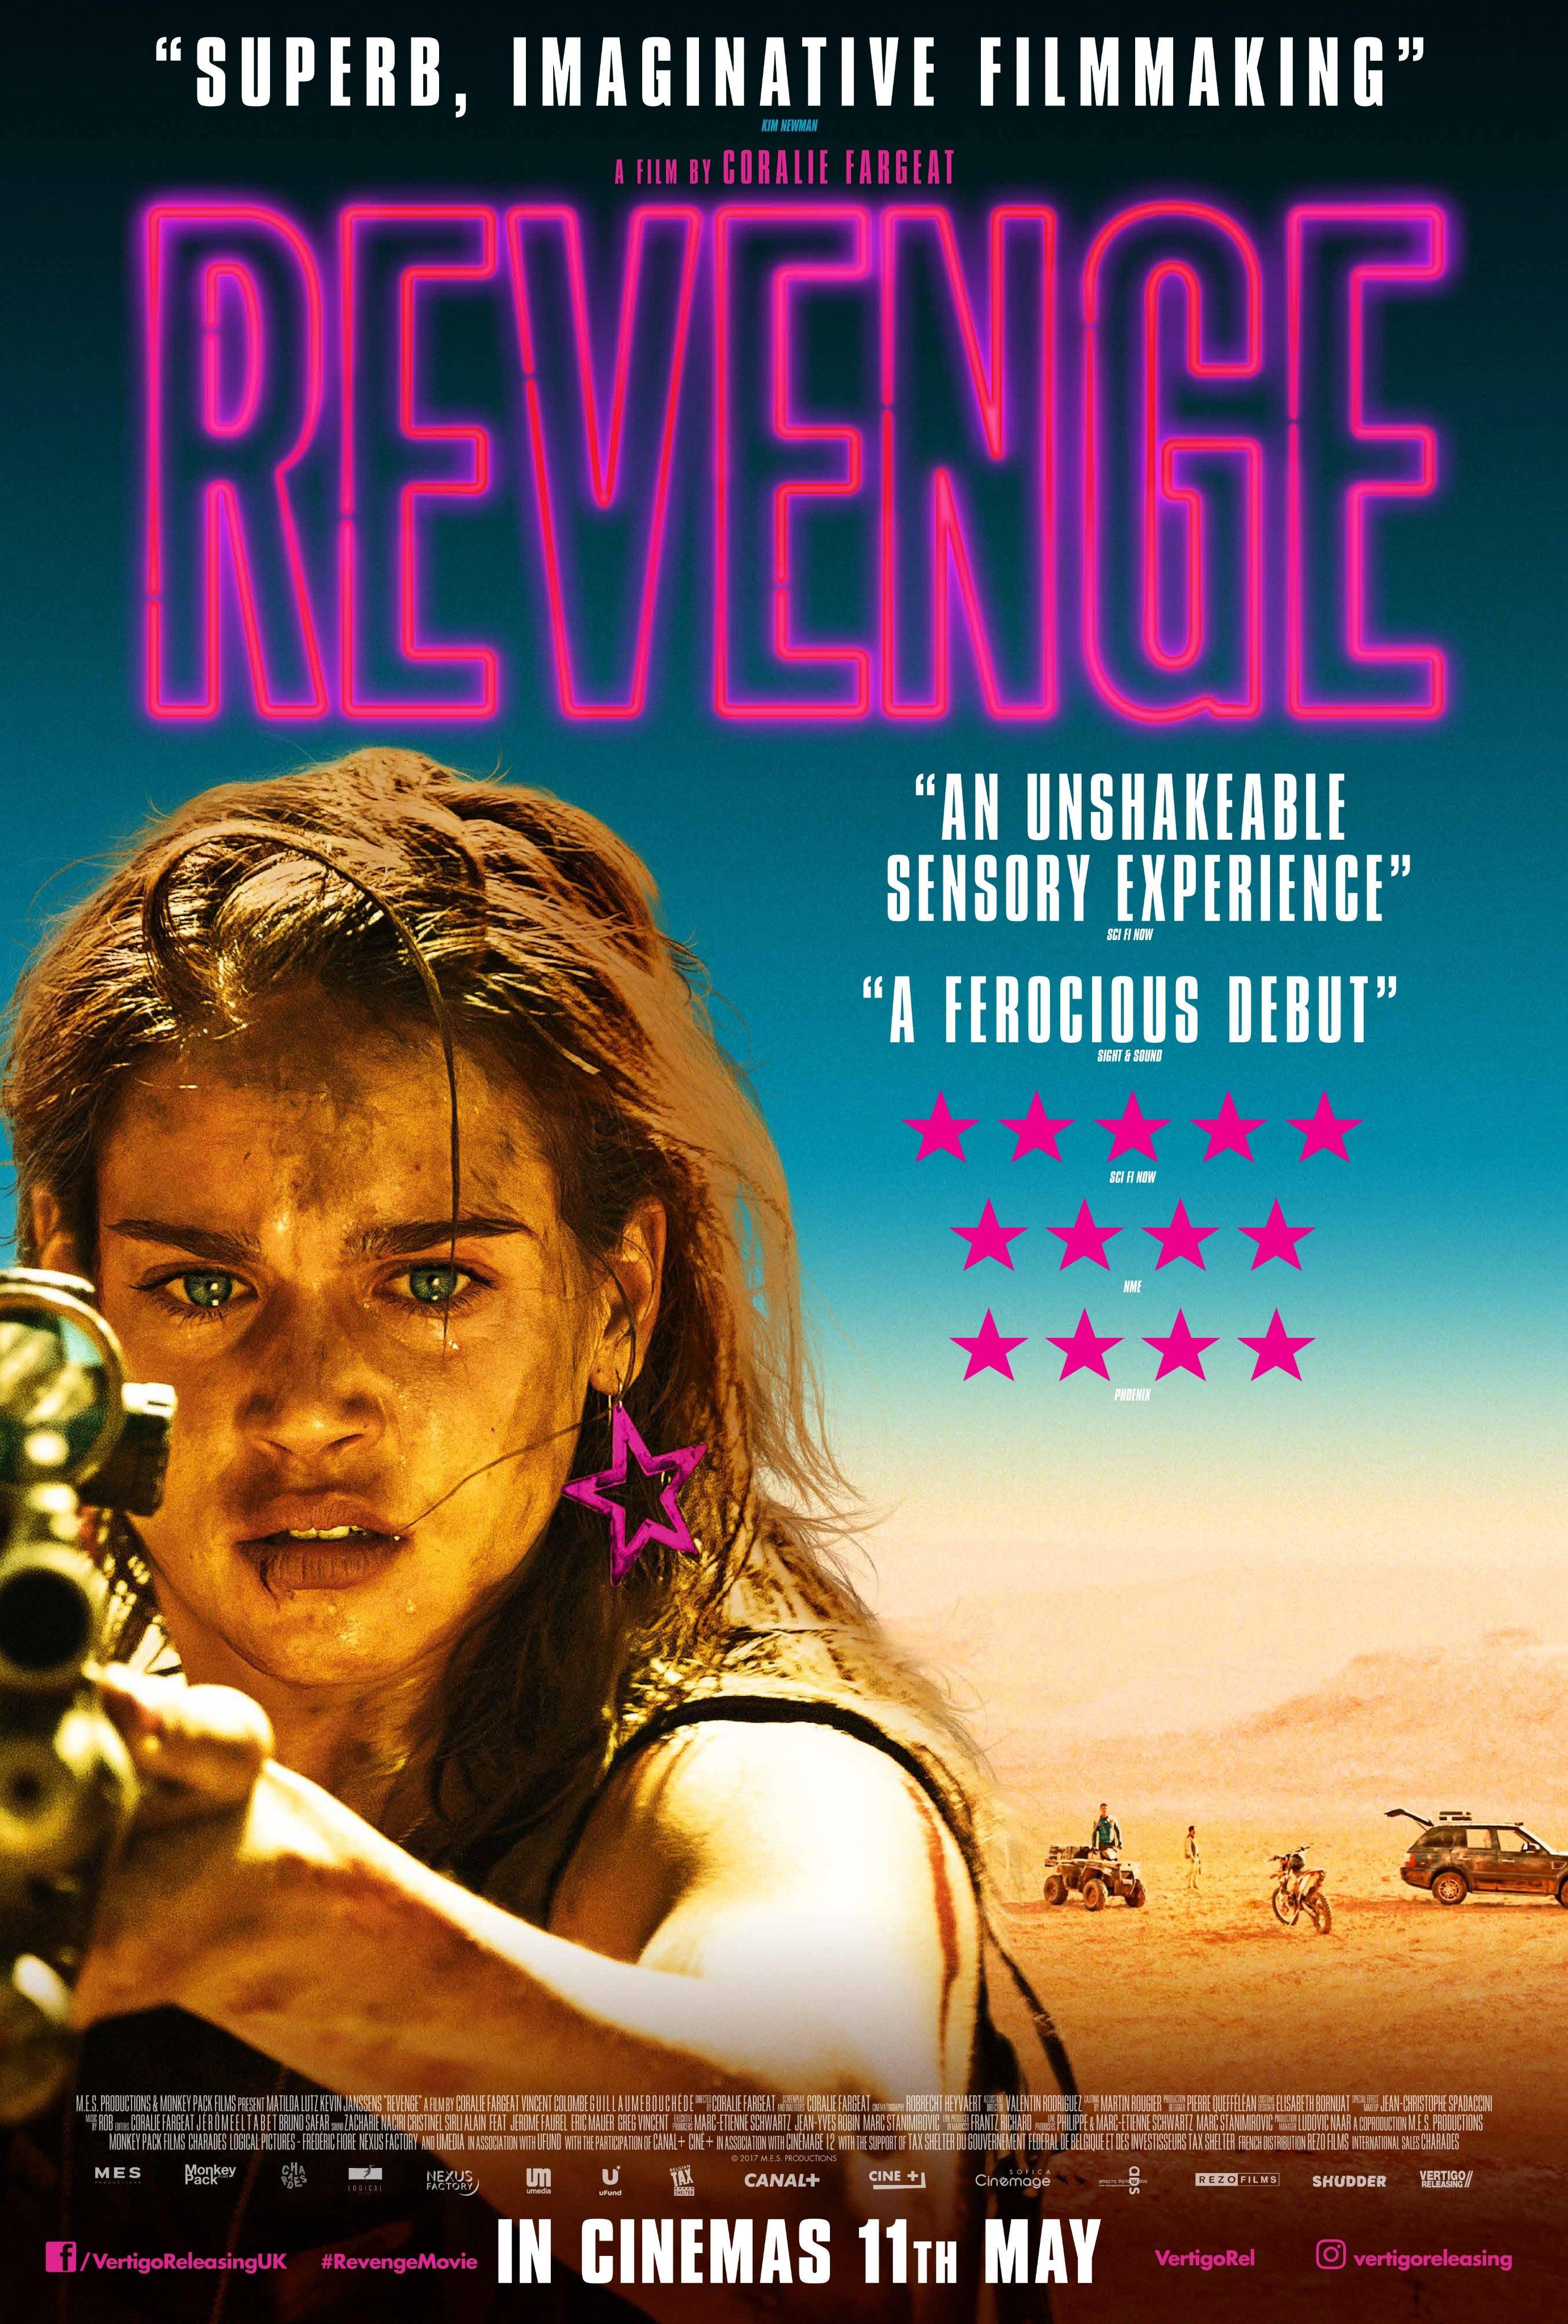 Regarder-film-gratuit Revenge : regarder-film-gratuit, revenge, Télécharger】, Revenge, (2017), 1020P, Ligne, VOSTFR, France, Film-revenge, Medium